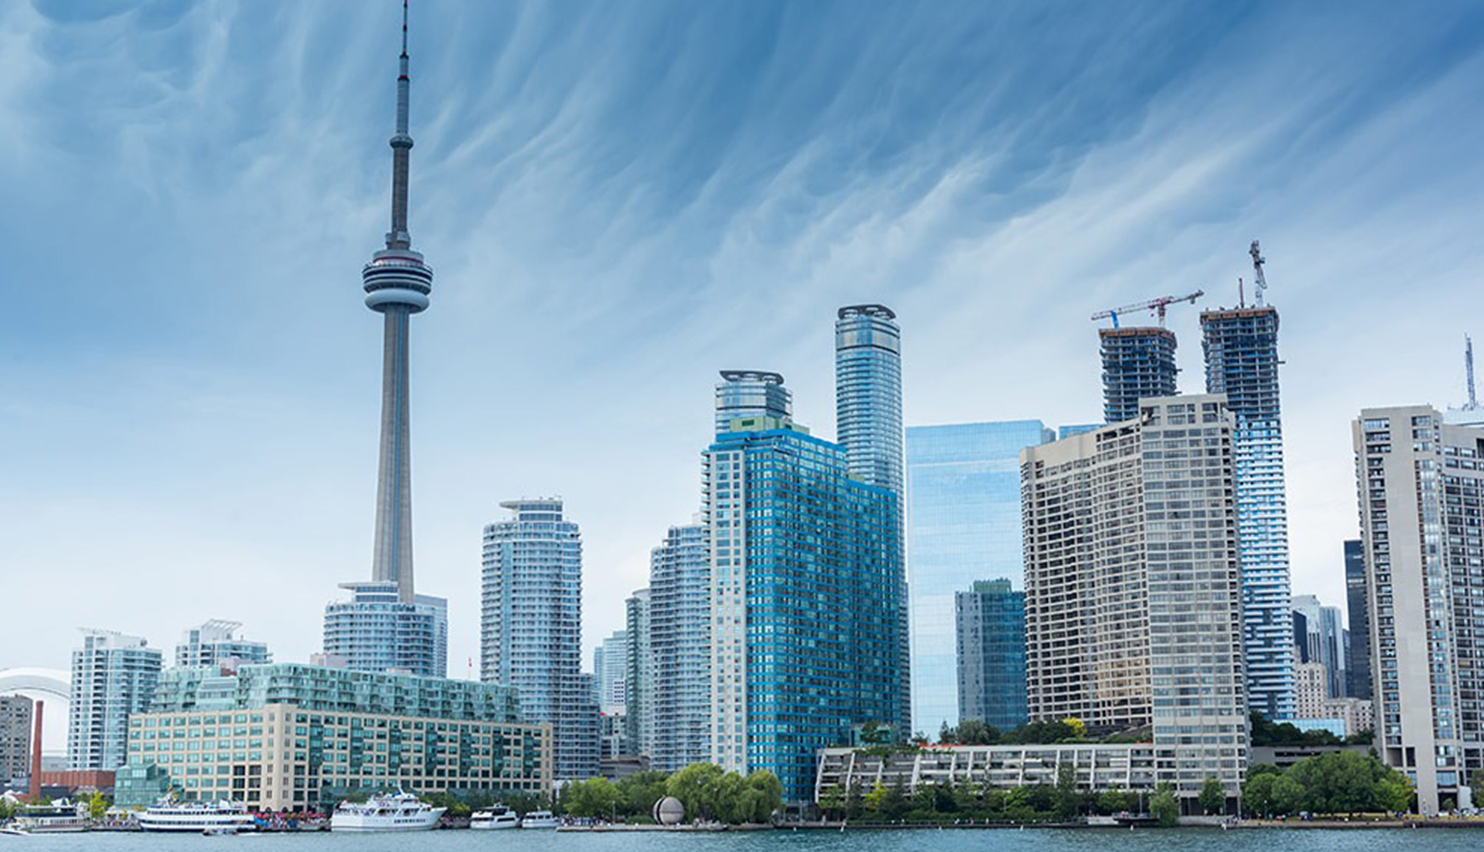 برنامه کارآفرینی استان انتاریو (Ontario Entrepreneur Stream)